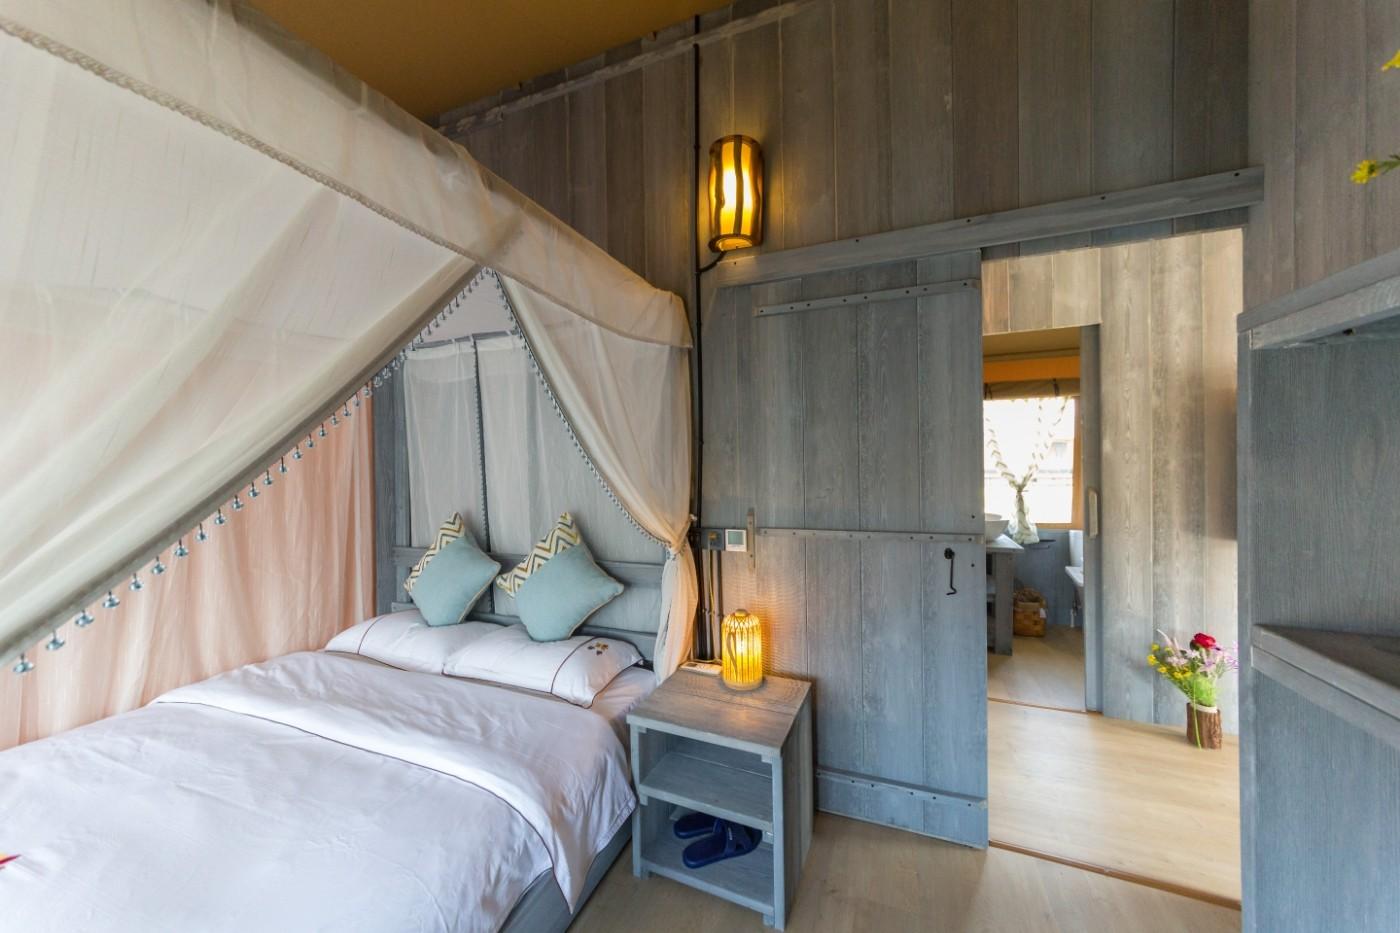 喜马拉雅野奢帐篷酒店—浙江留香之家露营地帐篷酒店(78平)37